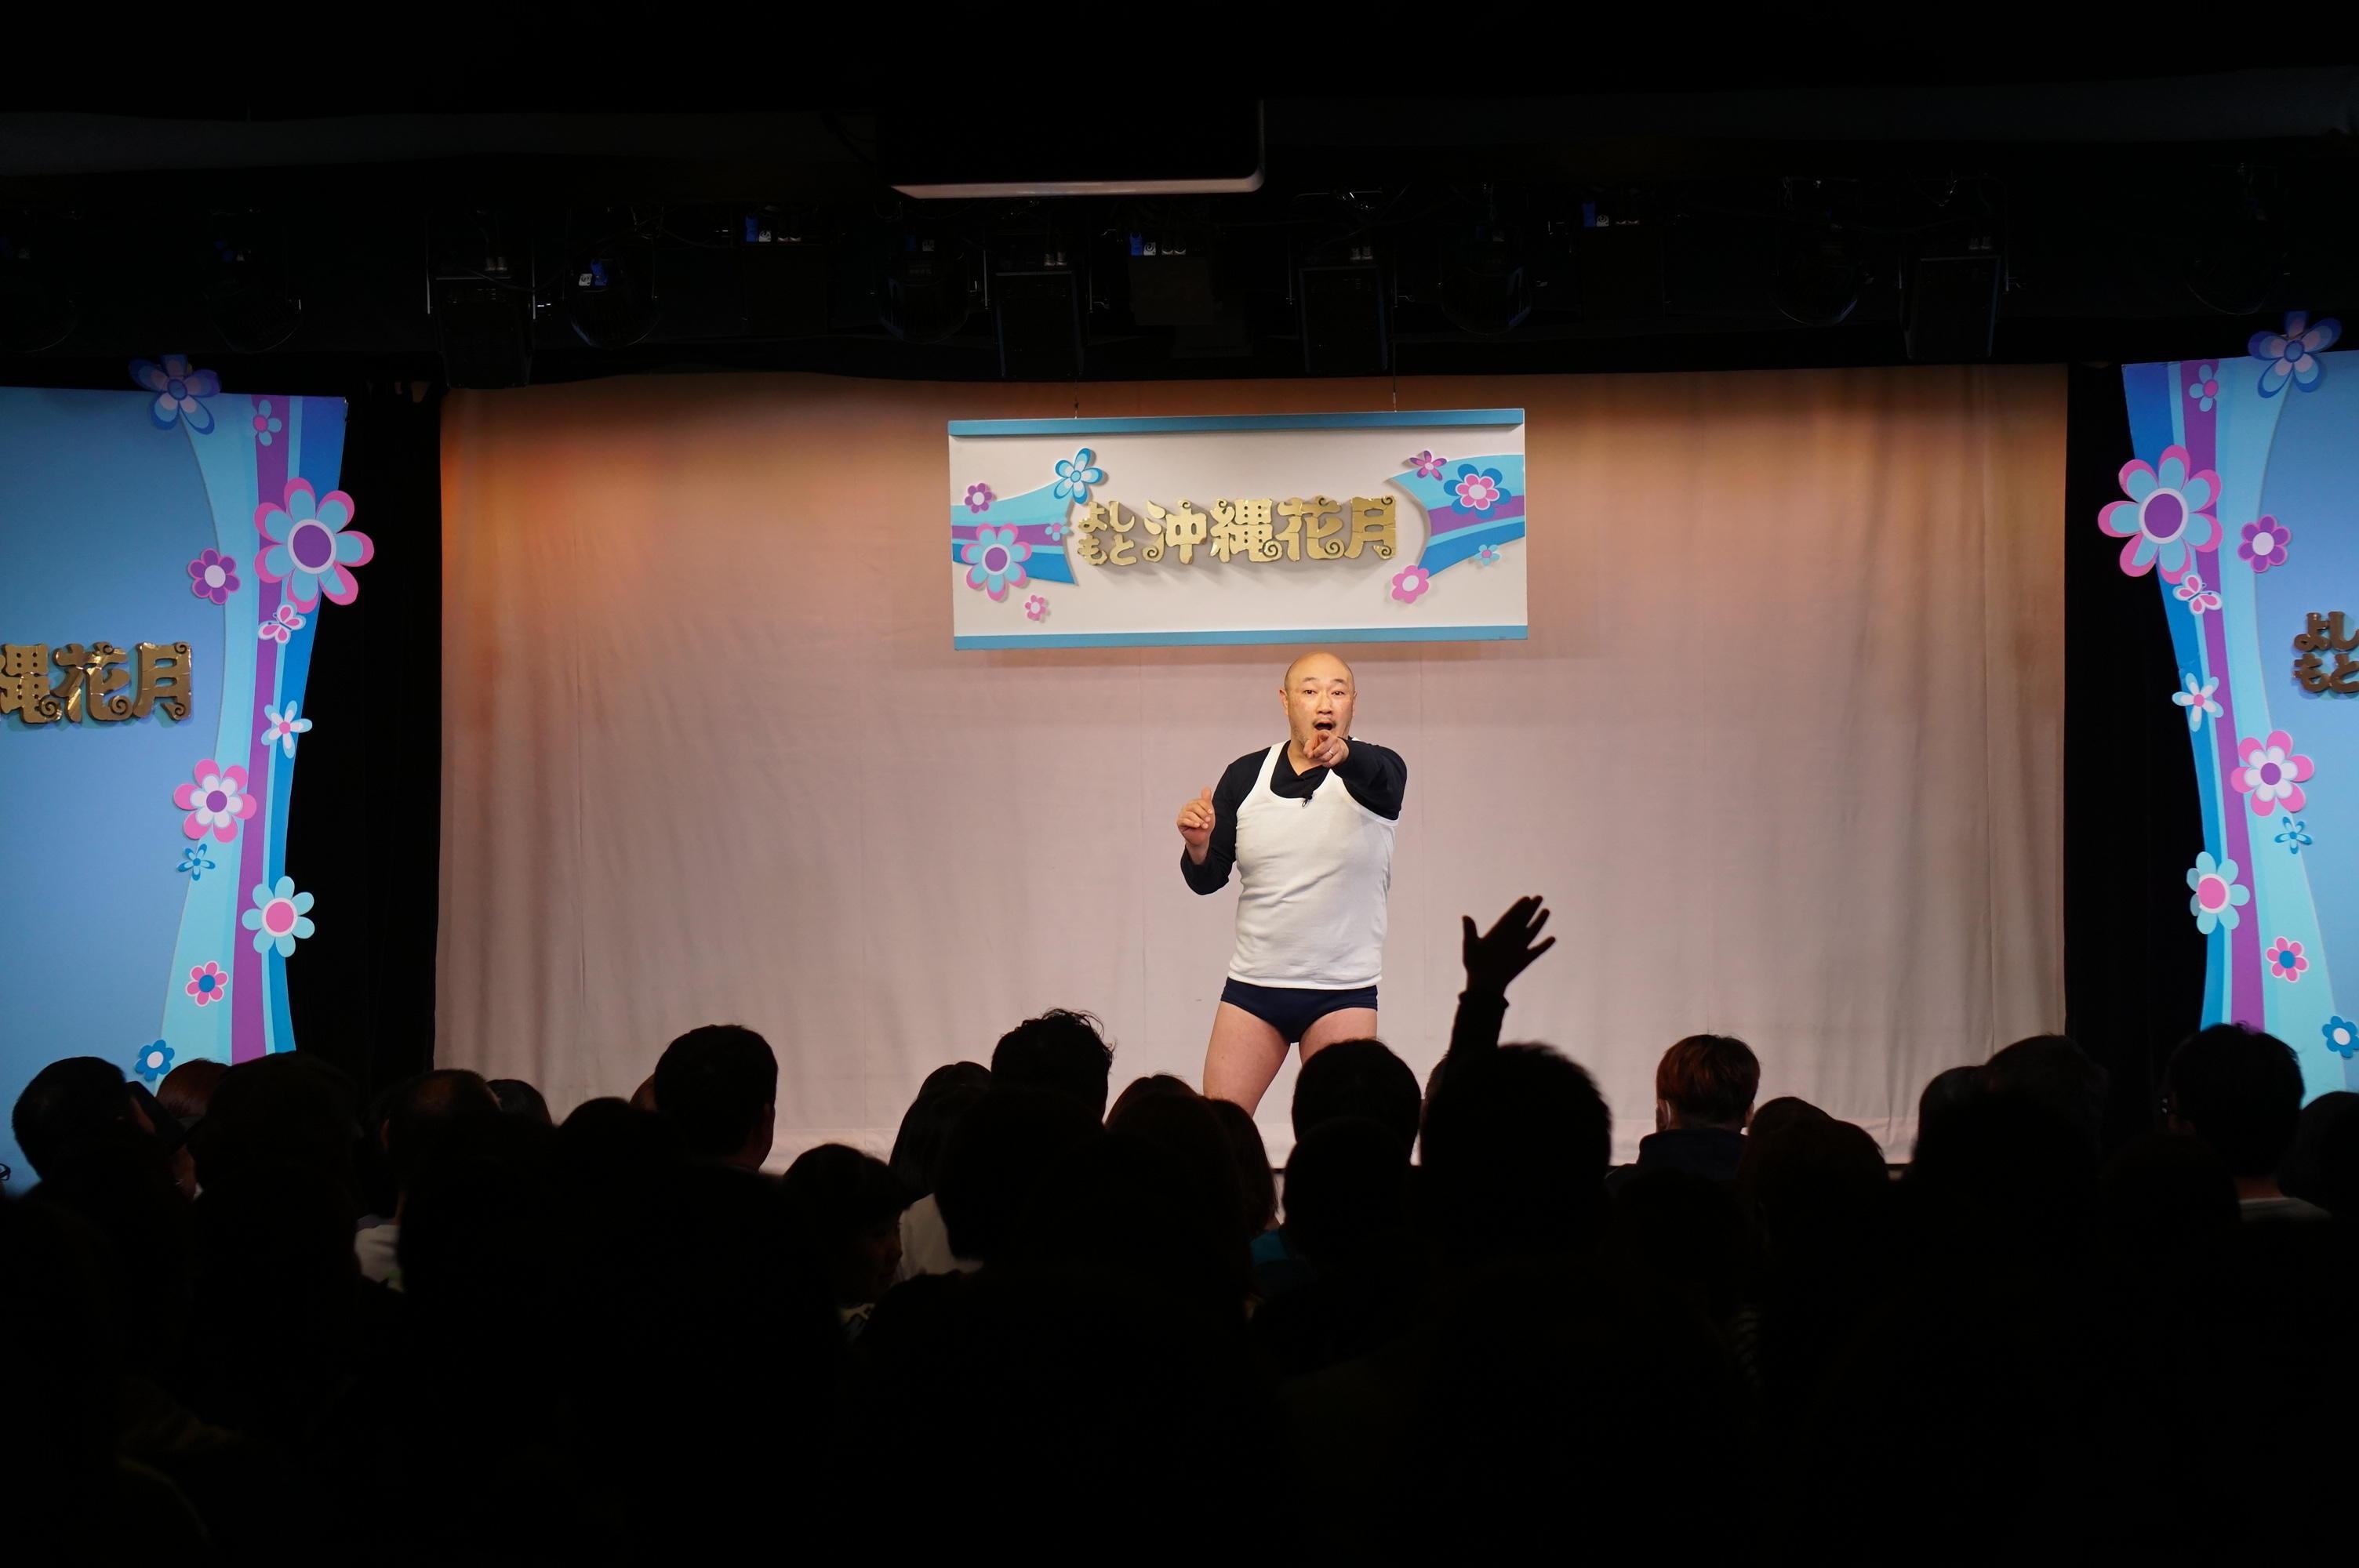 http://news.yoshimoto.co.jp/20170314201442-754313c1bc10c2cd18f8ef3d37b584f0c0f1305d.jpg